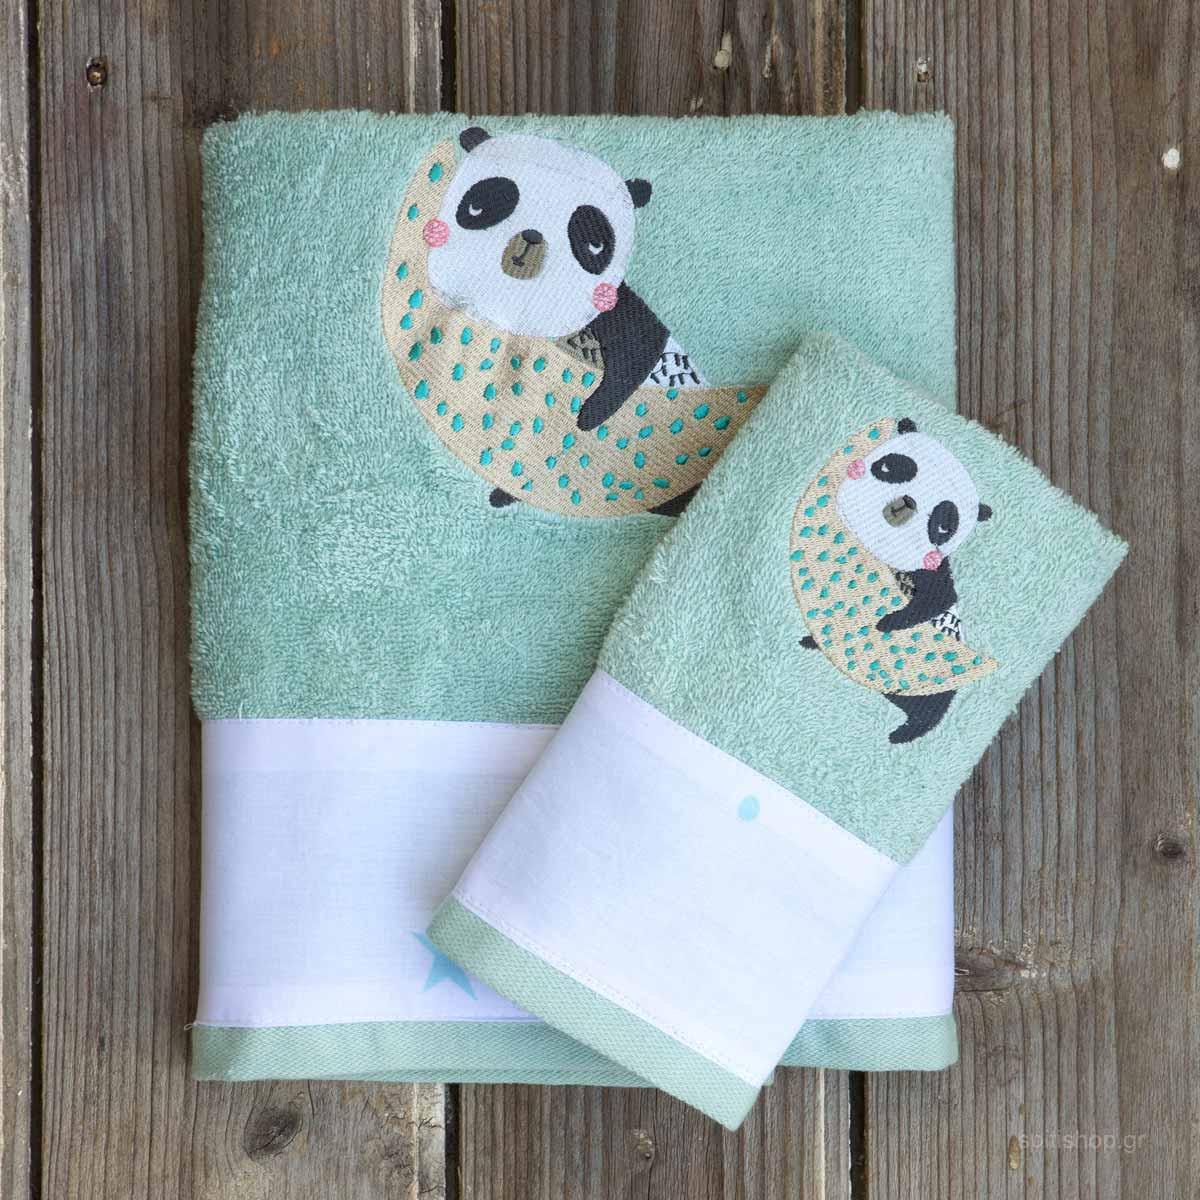 Παιδικές Πετσέτες (Σετ 2τμχ) Kocoon Space Panda